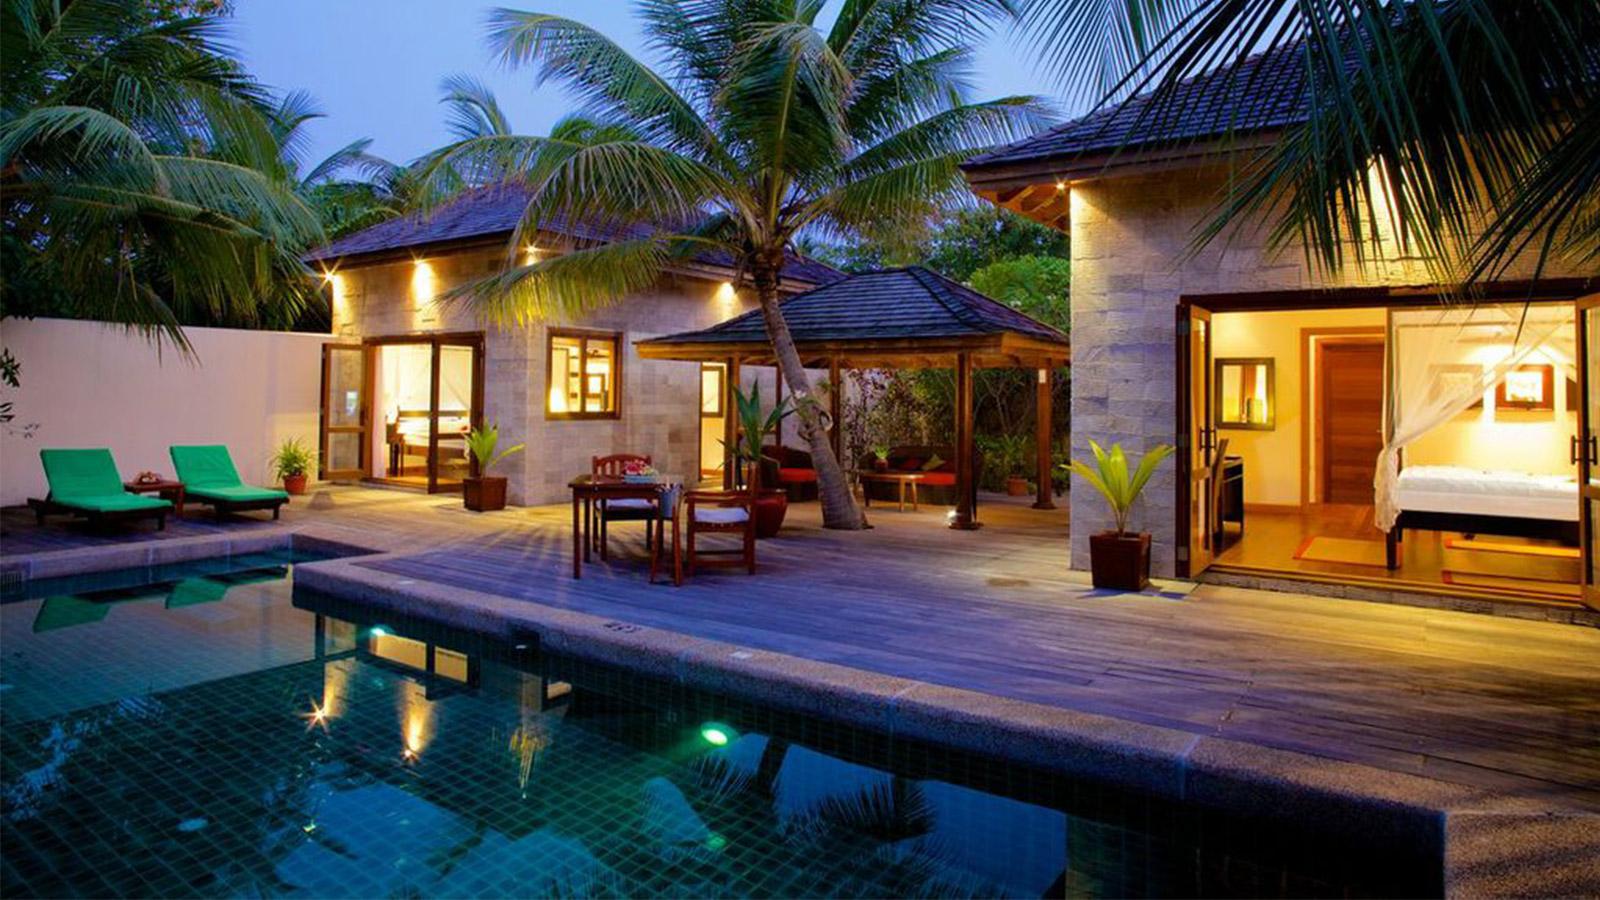 acomm maldives 2